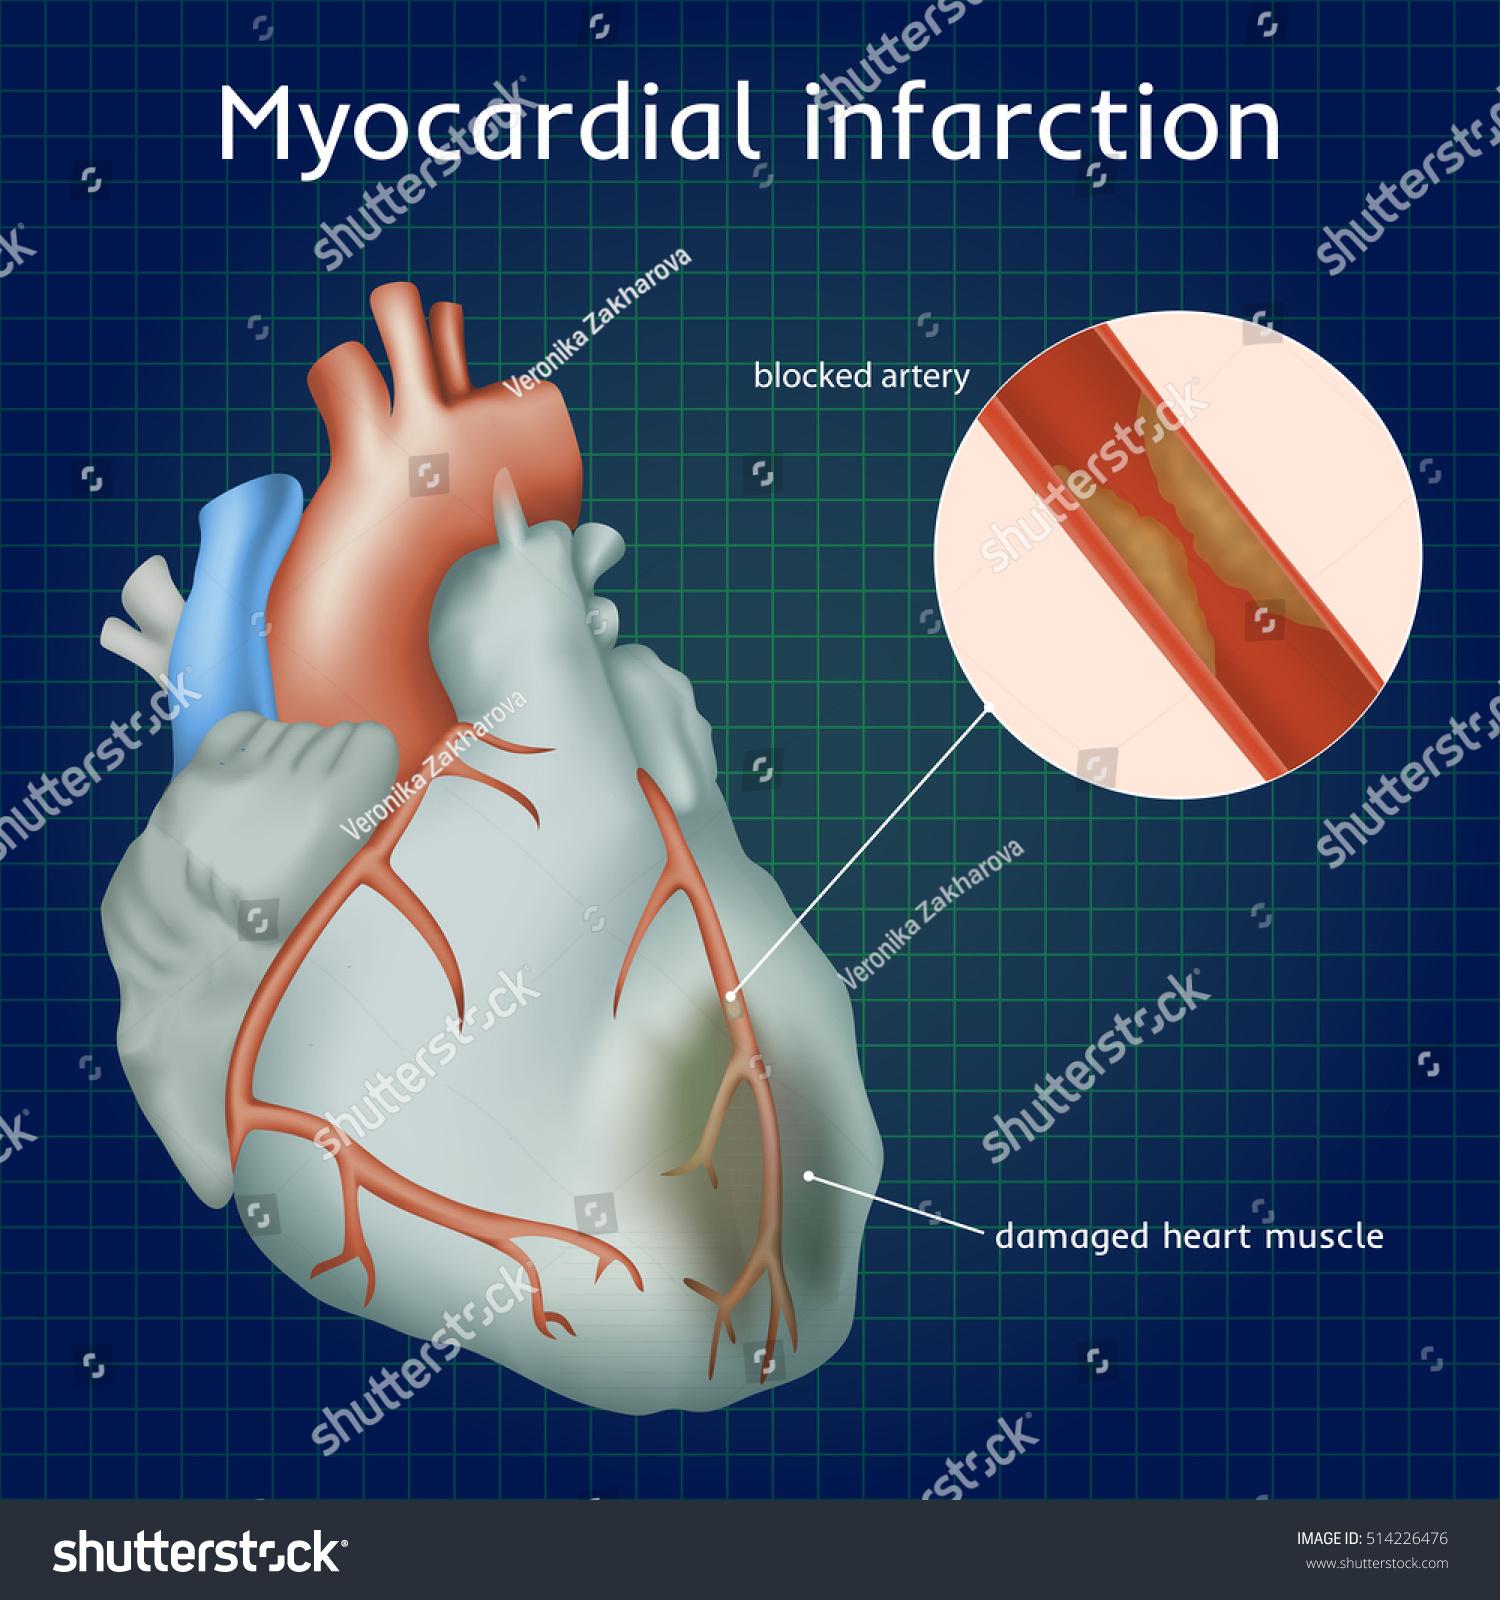 Myocardial Infarction Heart Attack Blocked Artery Stock Photo (Photo ...